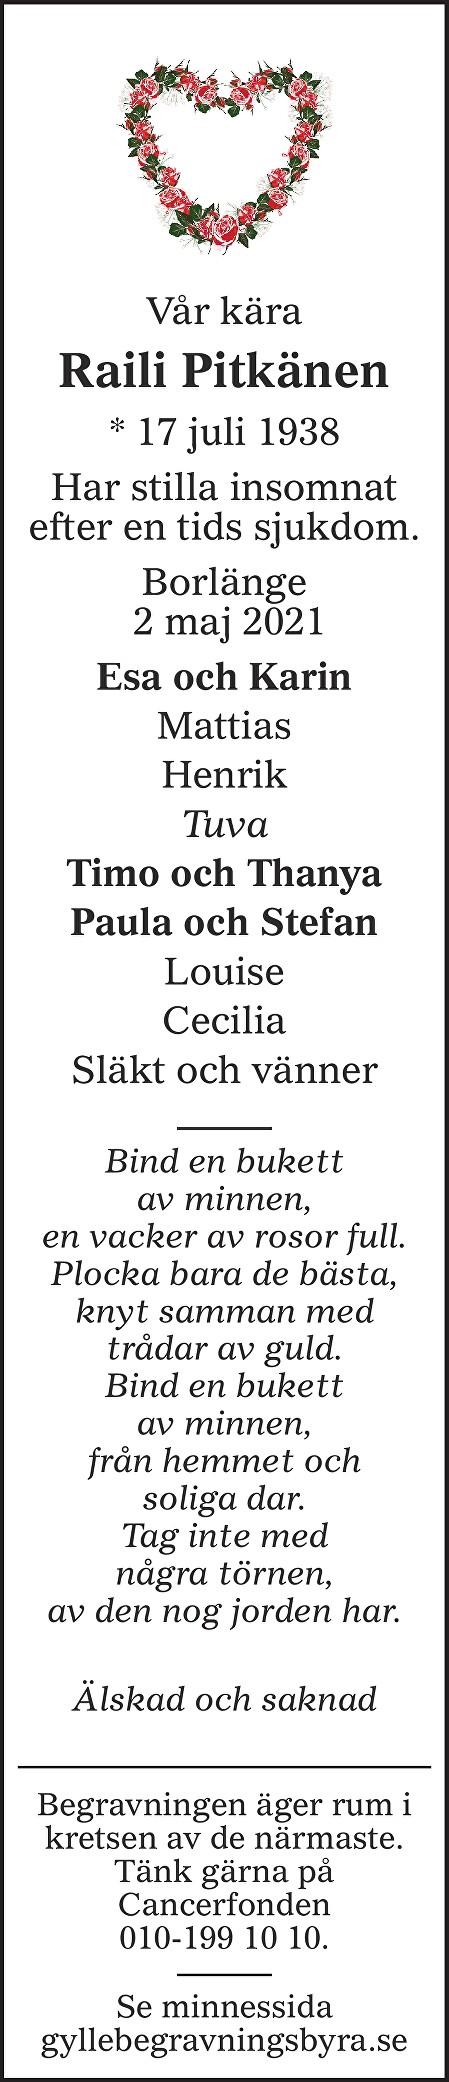 Raili Pitkänen Death notice